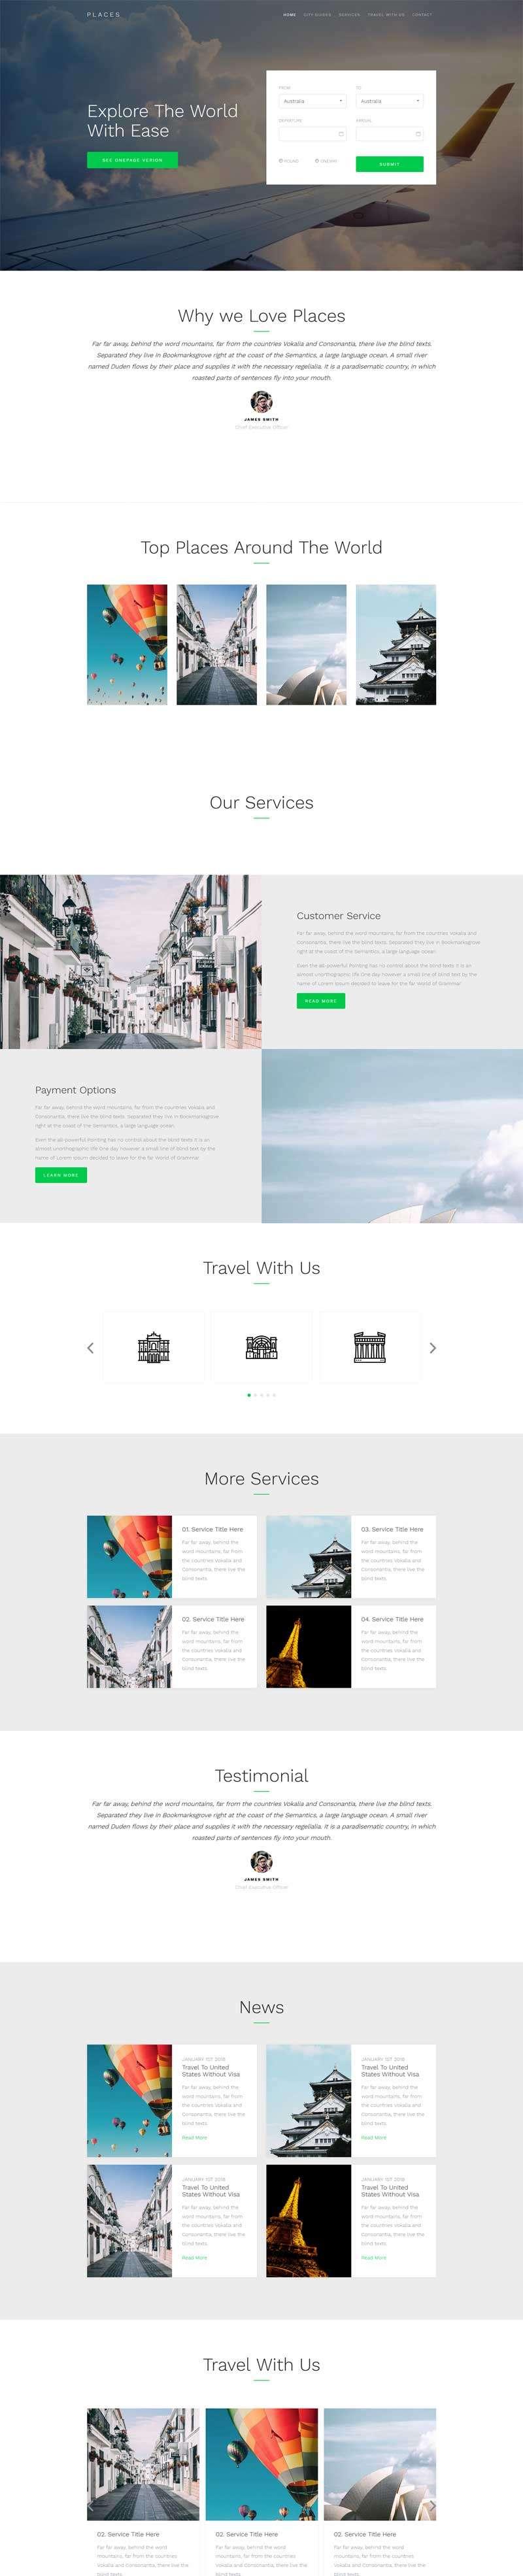 宽屏的旅游机票在线预订网站模板